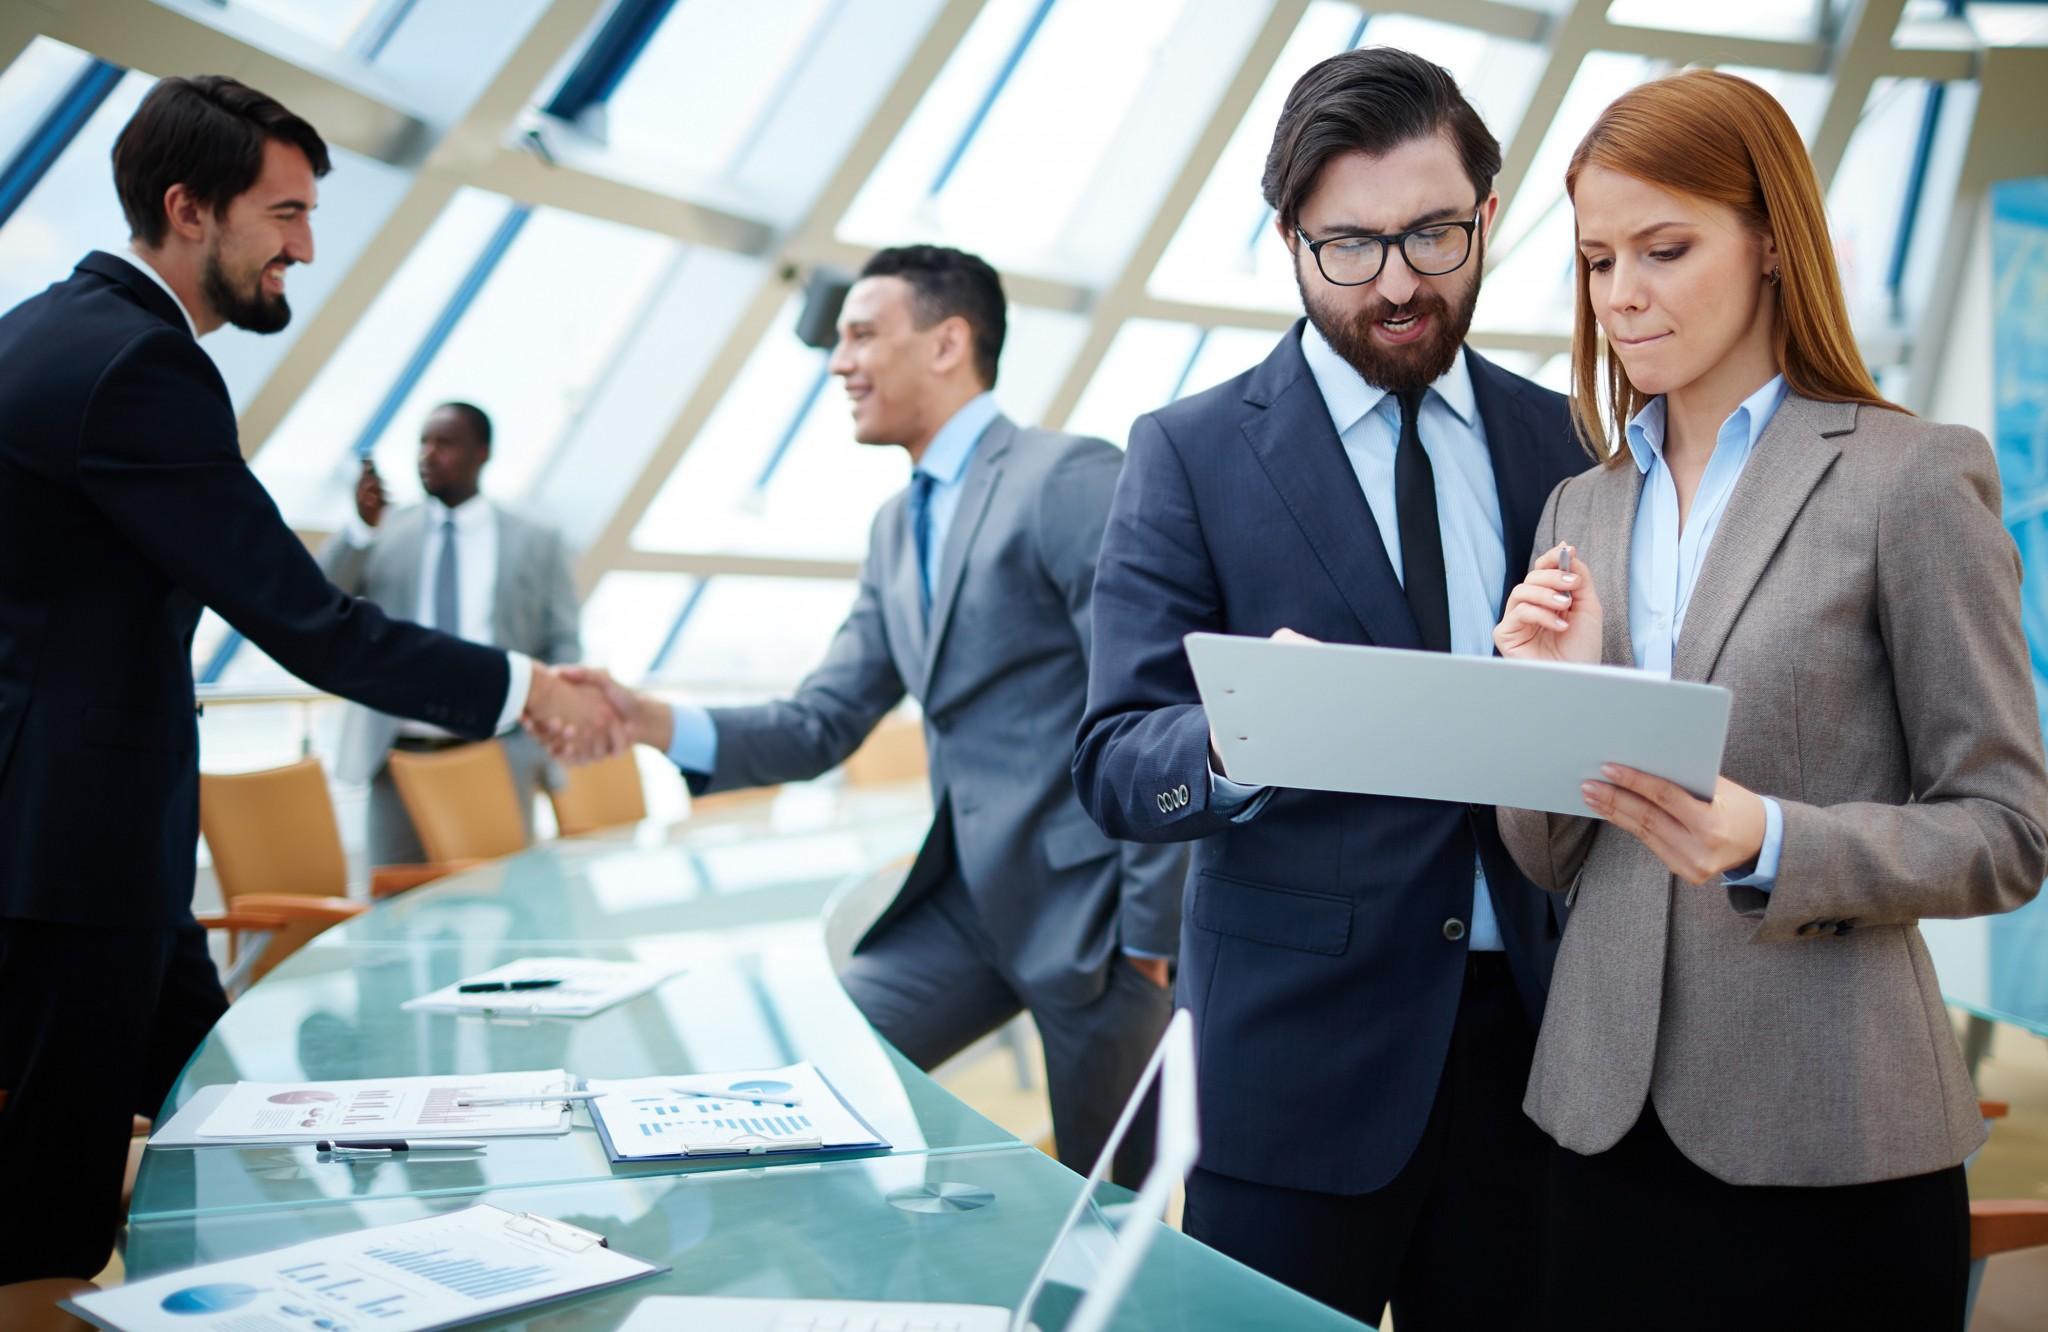 Thủ tục thành lập doanh nghiệp có cổ đông là người nước ngoài?